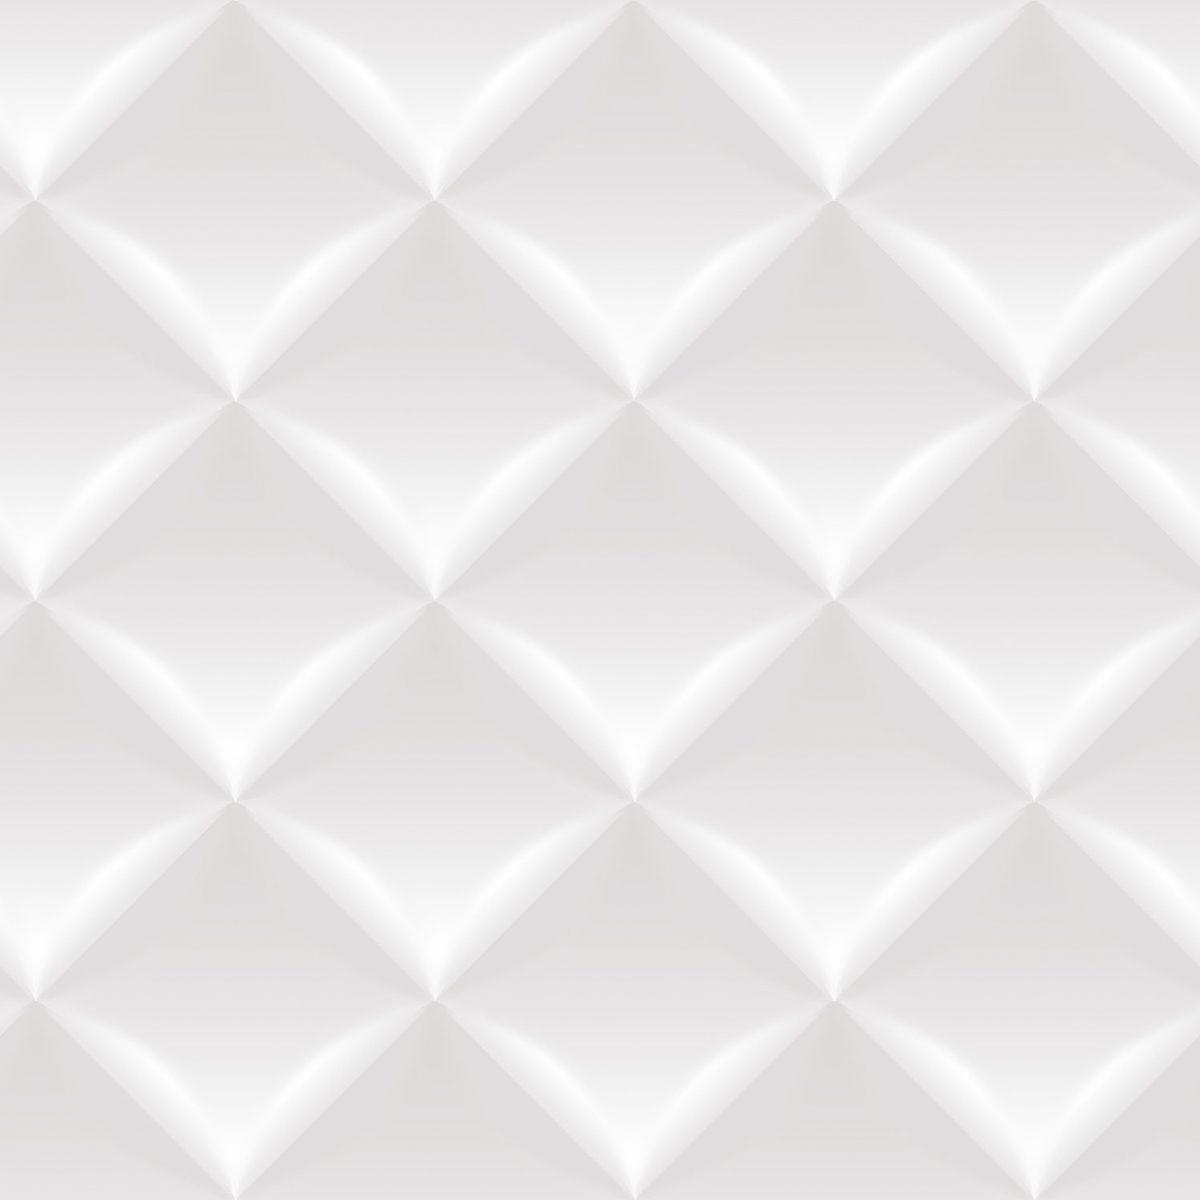 Papel de parede almofada vinílico Dimensões